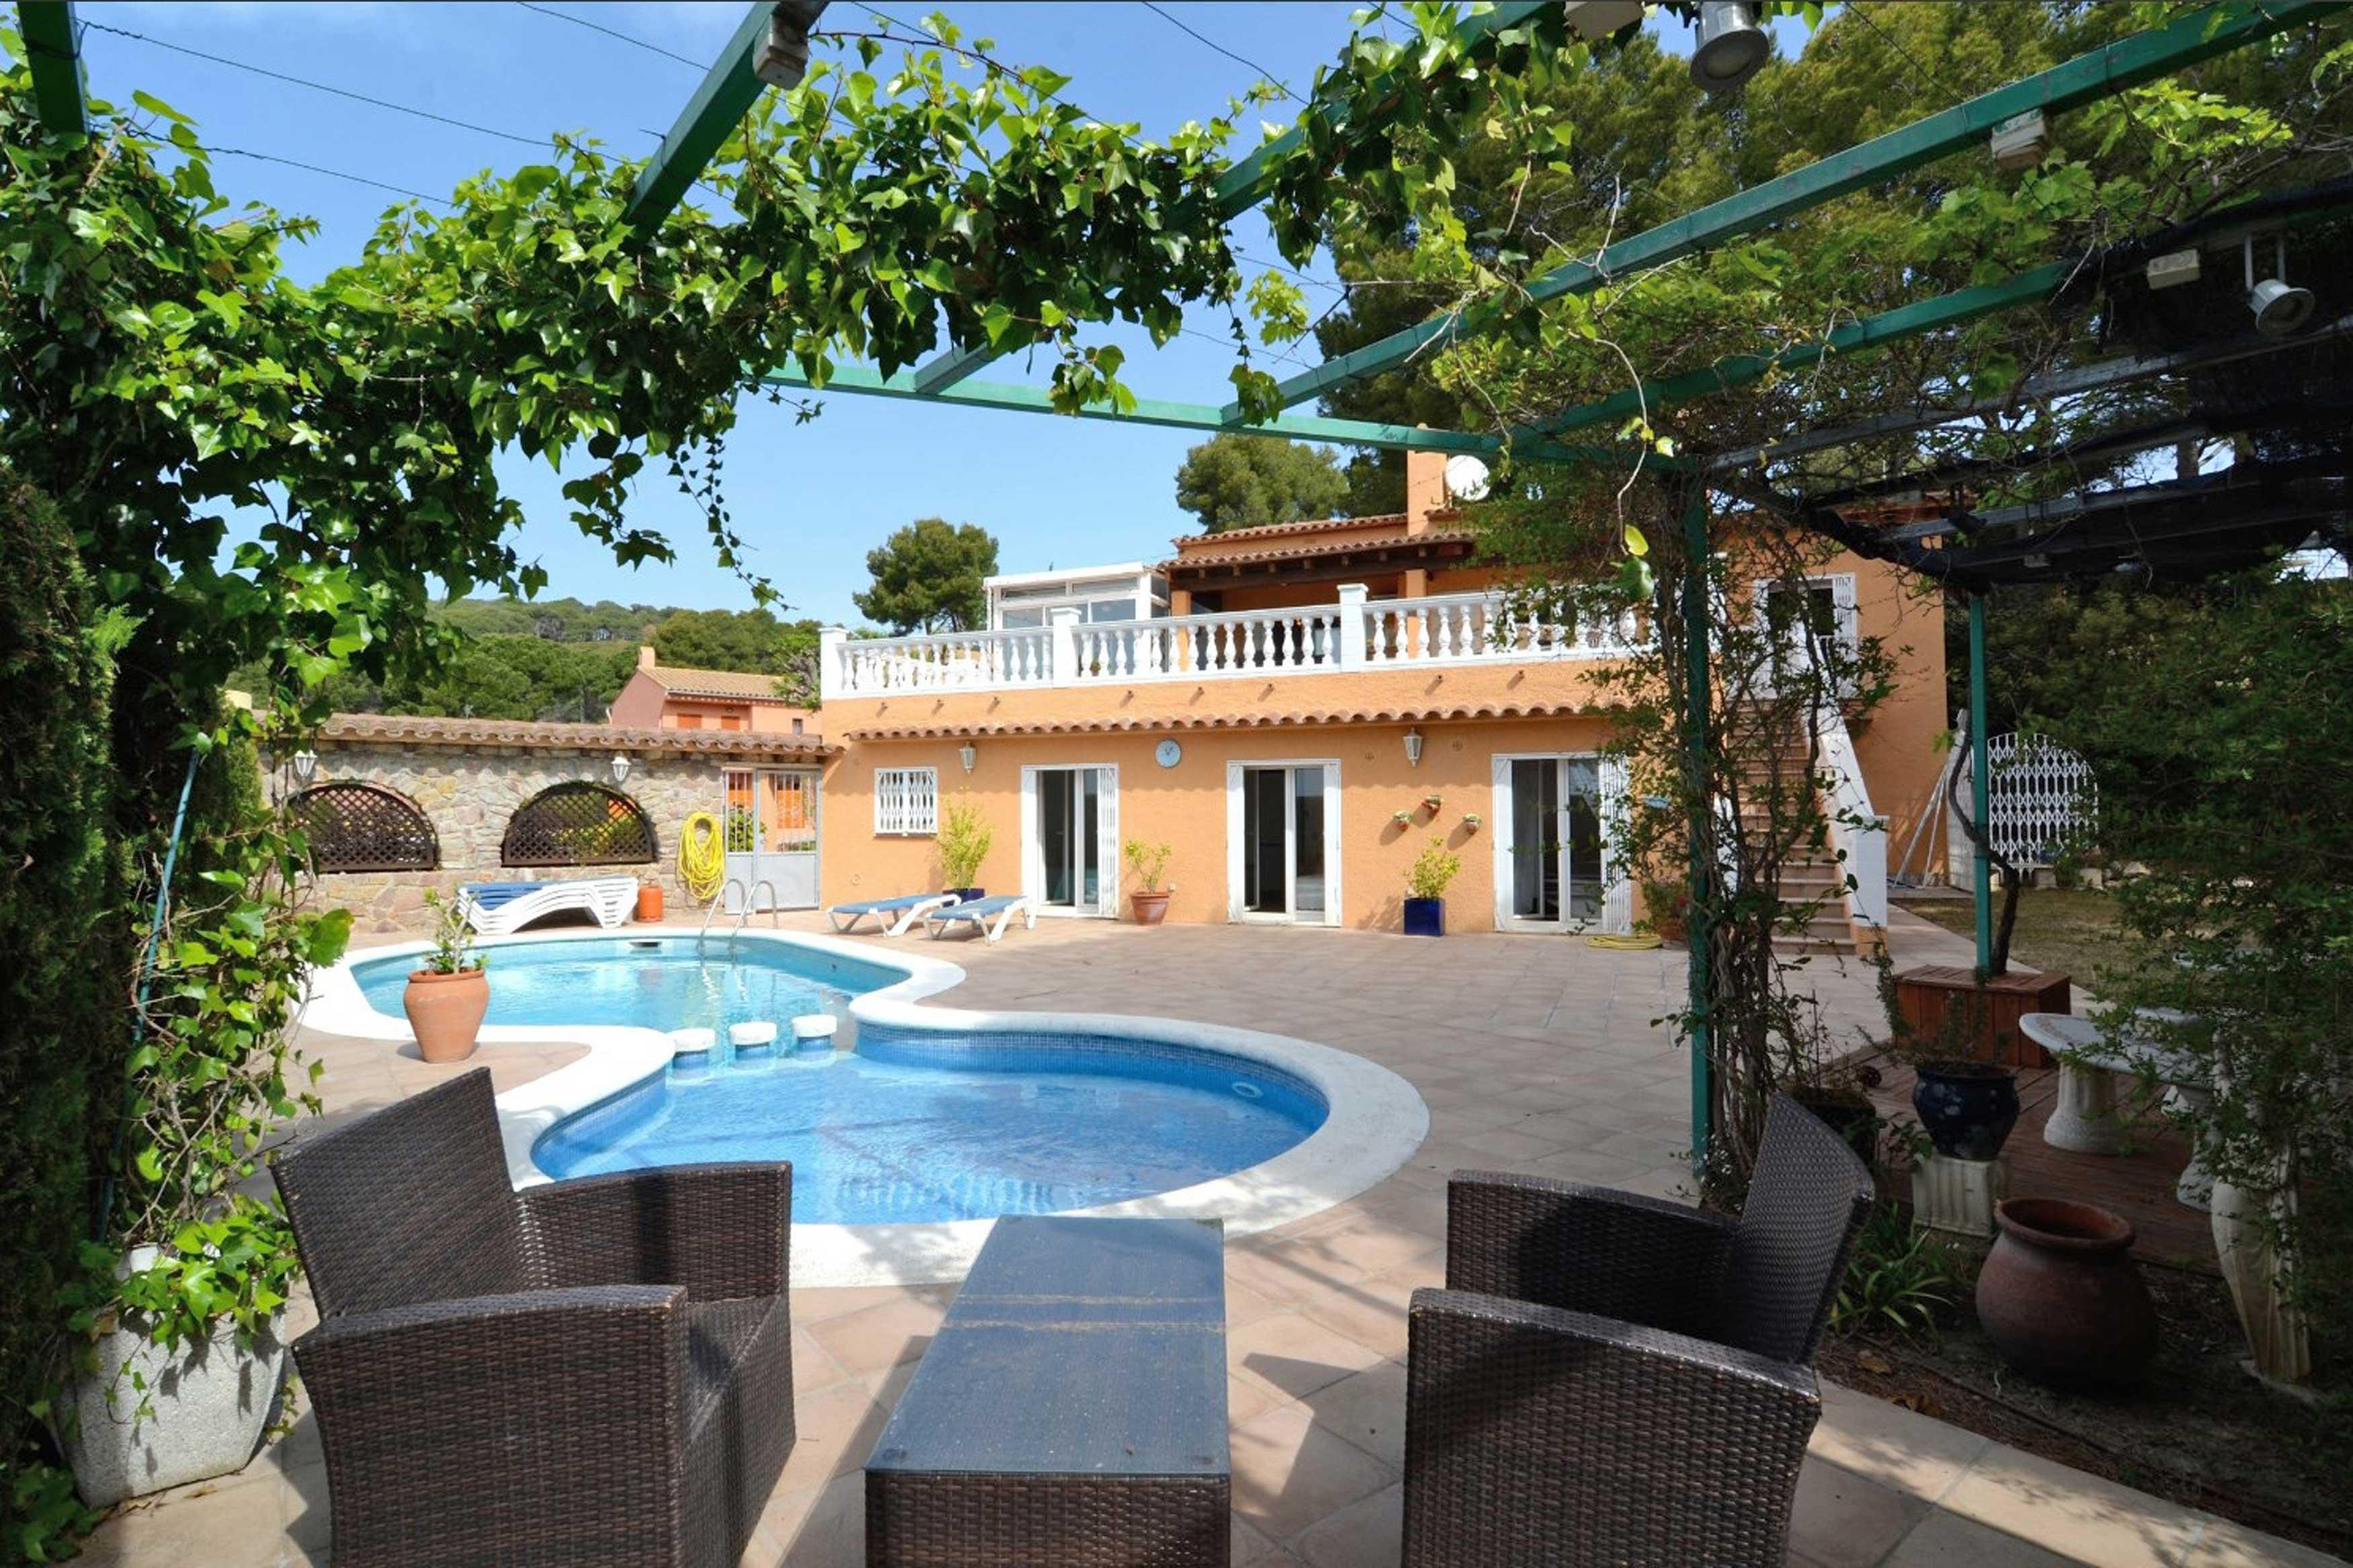 Grote ruime tuin met zwembad villa Buckingham